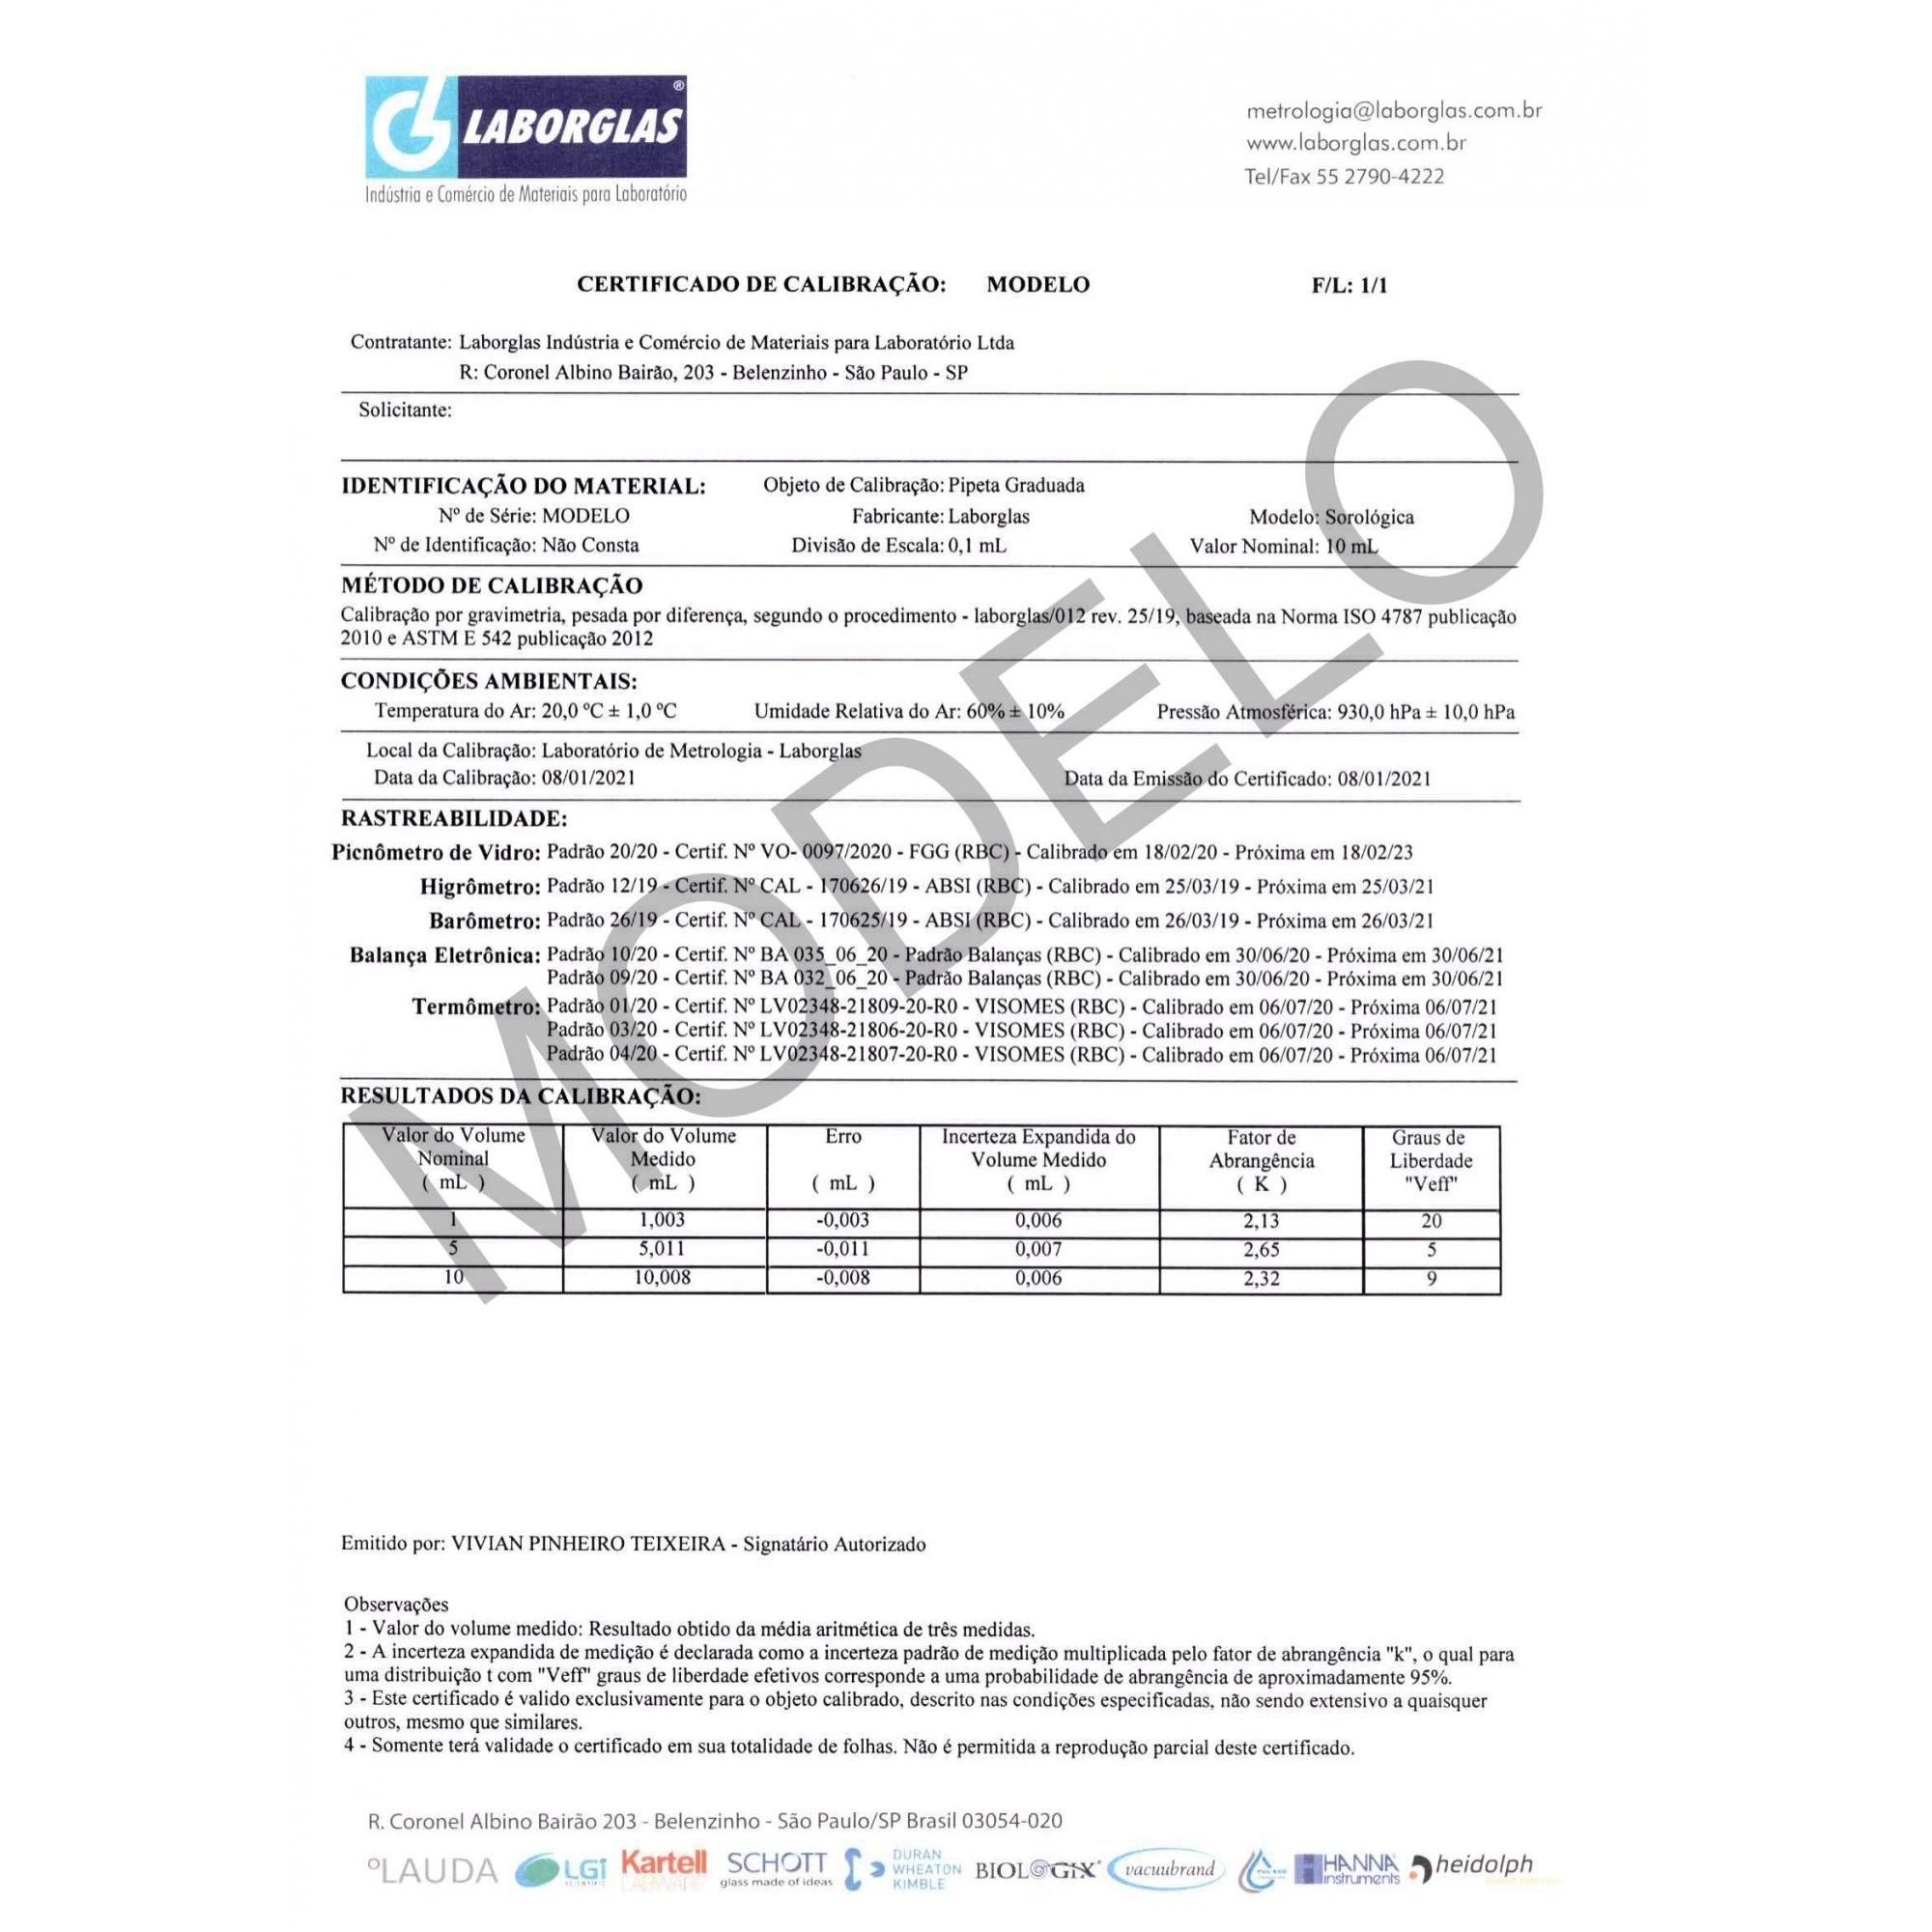 PIPETA GRADUADA SOROLÓGICA ESGOTOTAMENTO TOTAL 5 ML 1/10 CLASSE A COM CERTIFICADO RASTREÁVEL - Laborglas - Cód. 9443610-C